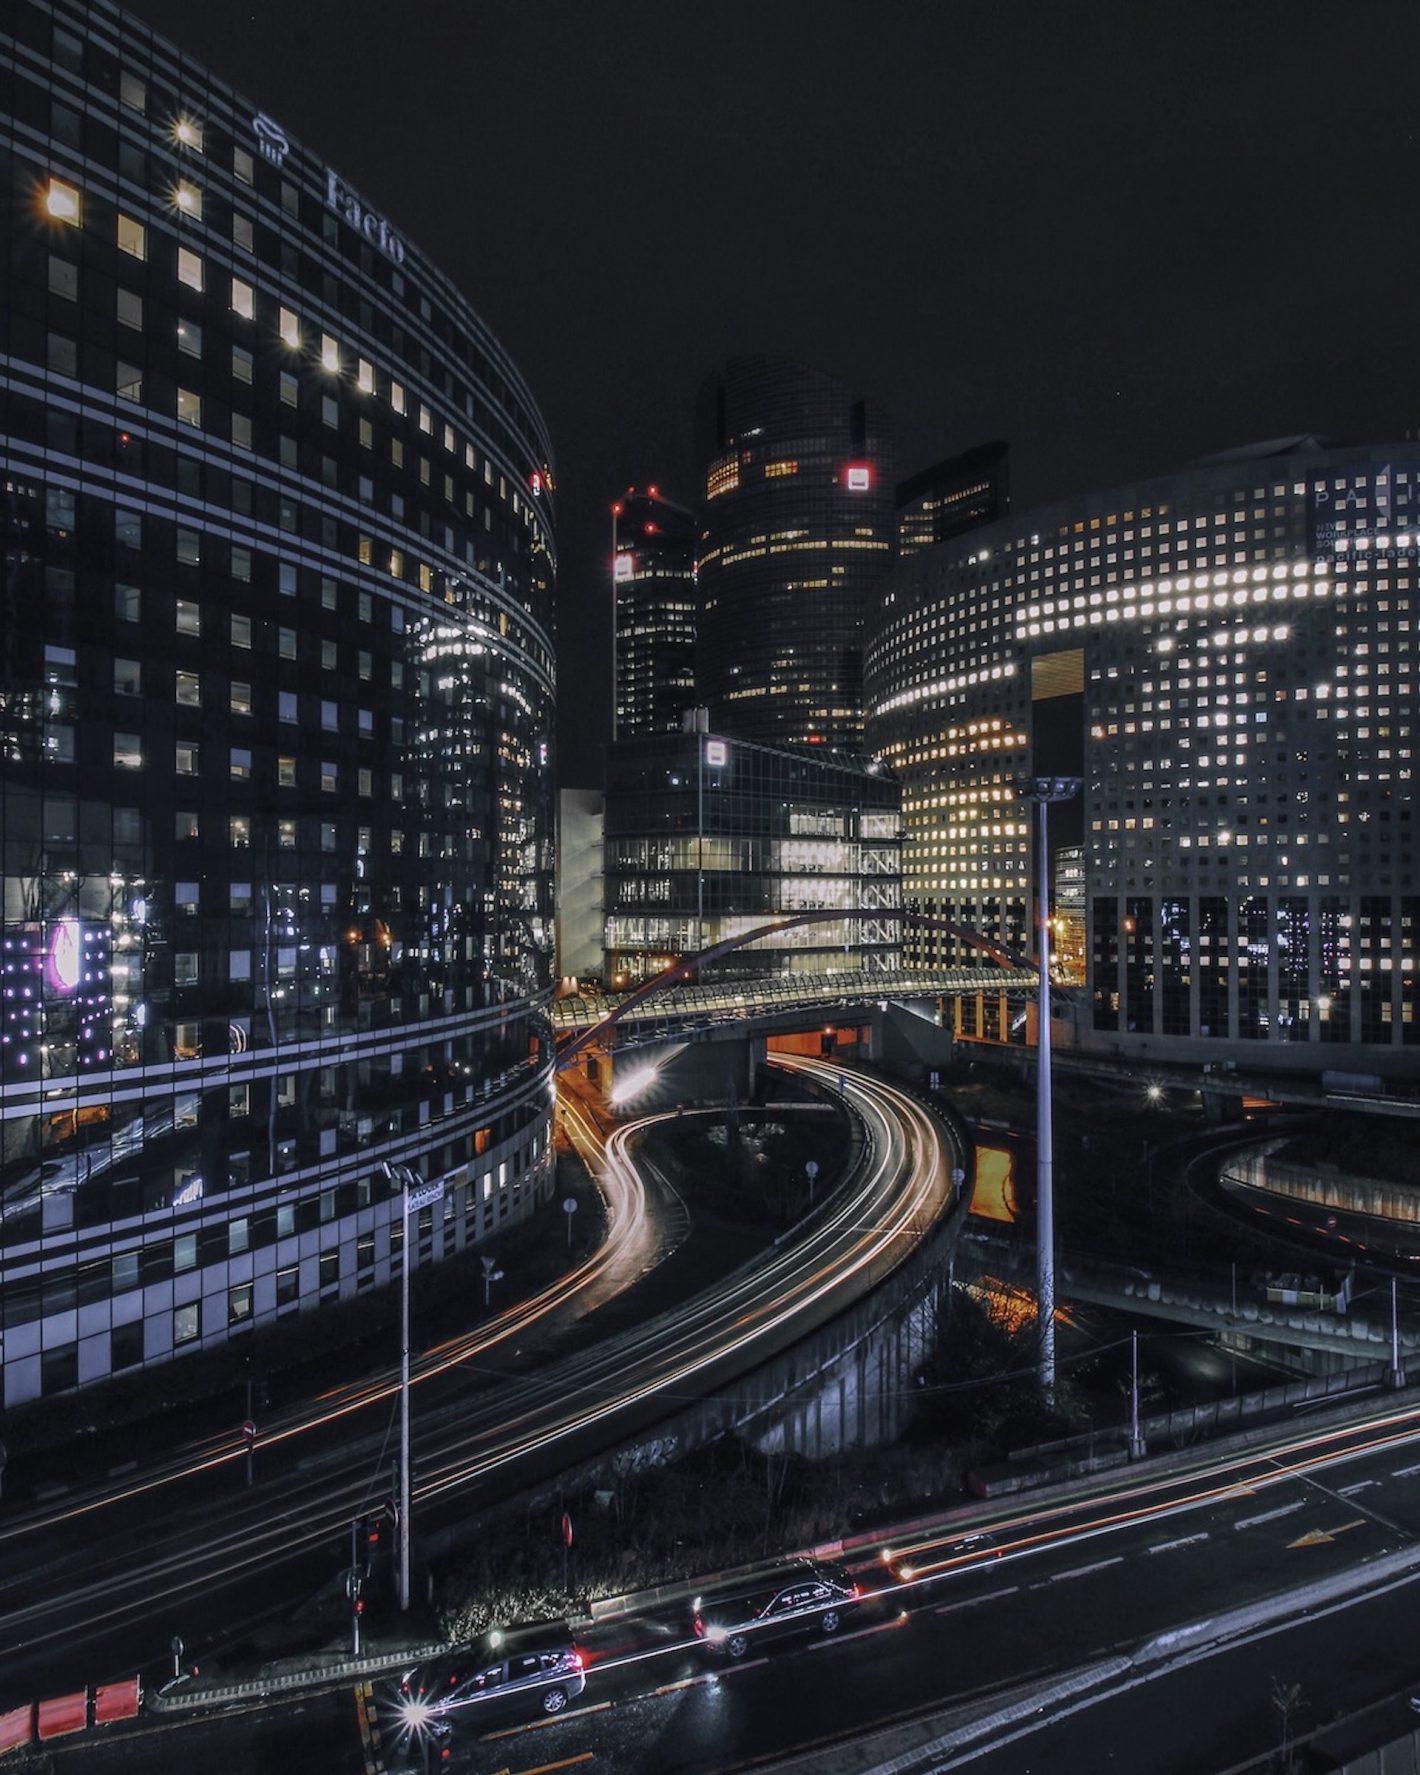 Balade nocturne dans la ville lumière à travers l'objectif de Frank Capra